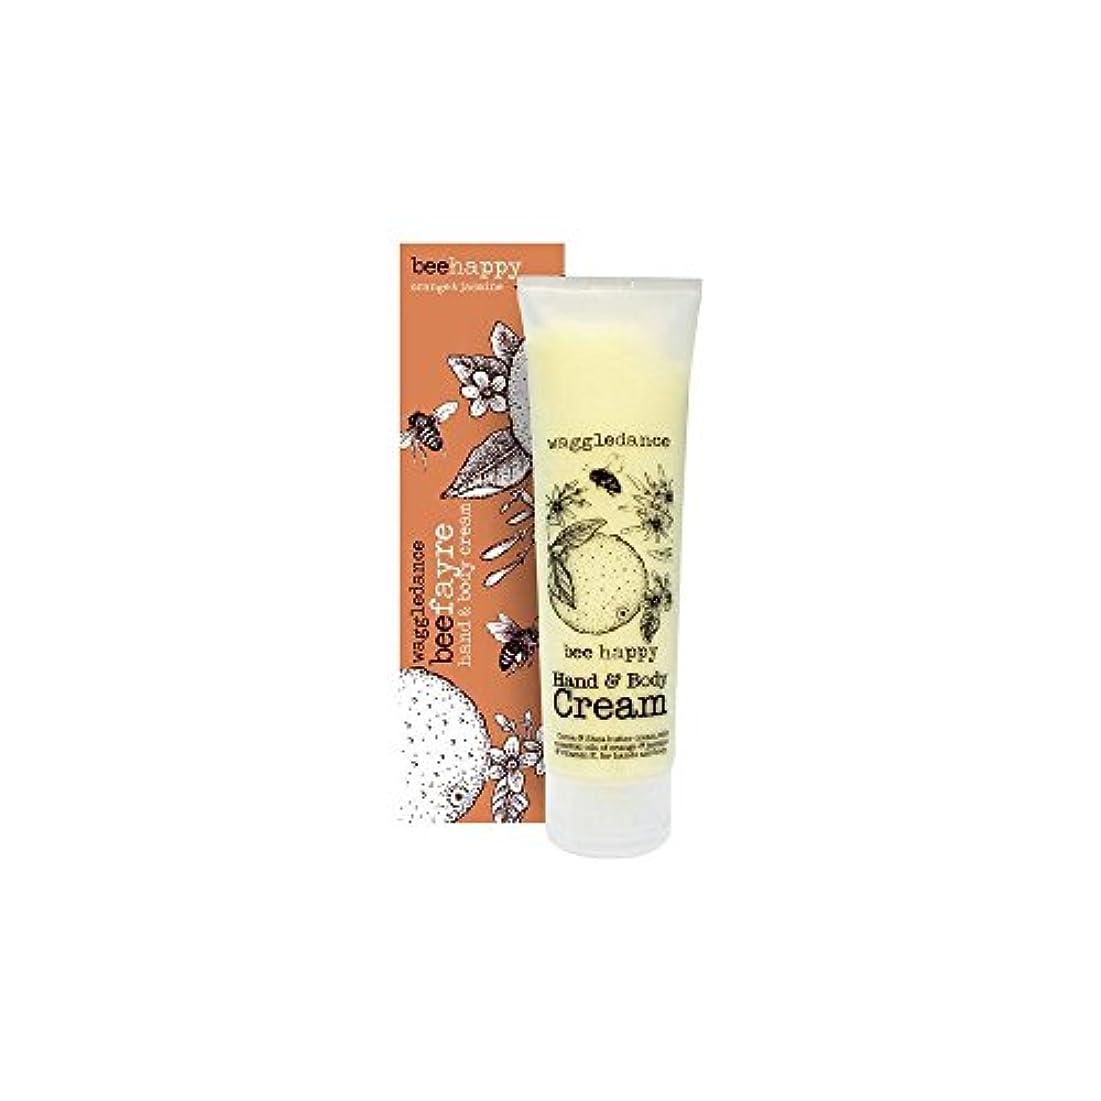 境界無傷債権者Beefayre Bee Happy Hand & Body Cream (100ml) Beefayre蜂幸せな手とボディクリーム( 100ミリリットル) [並行輸入品]